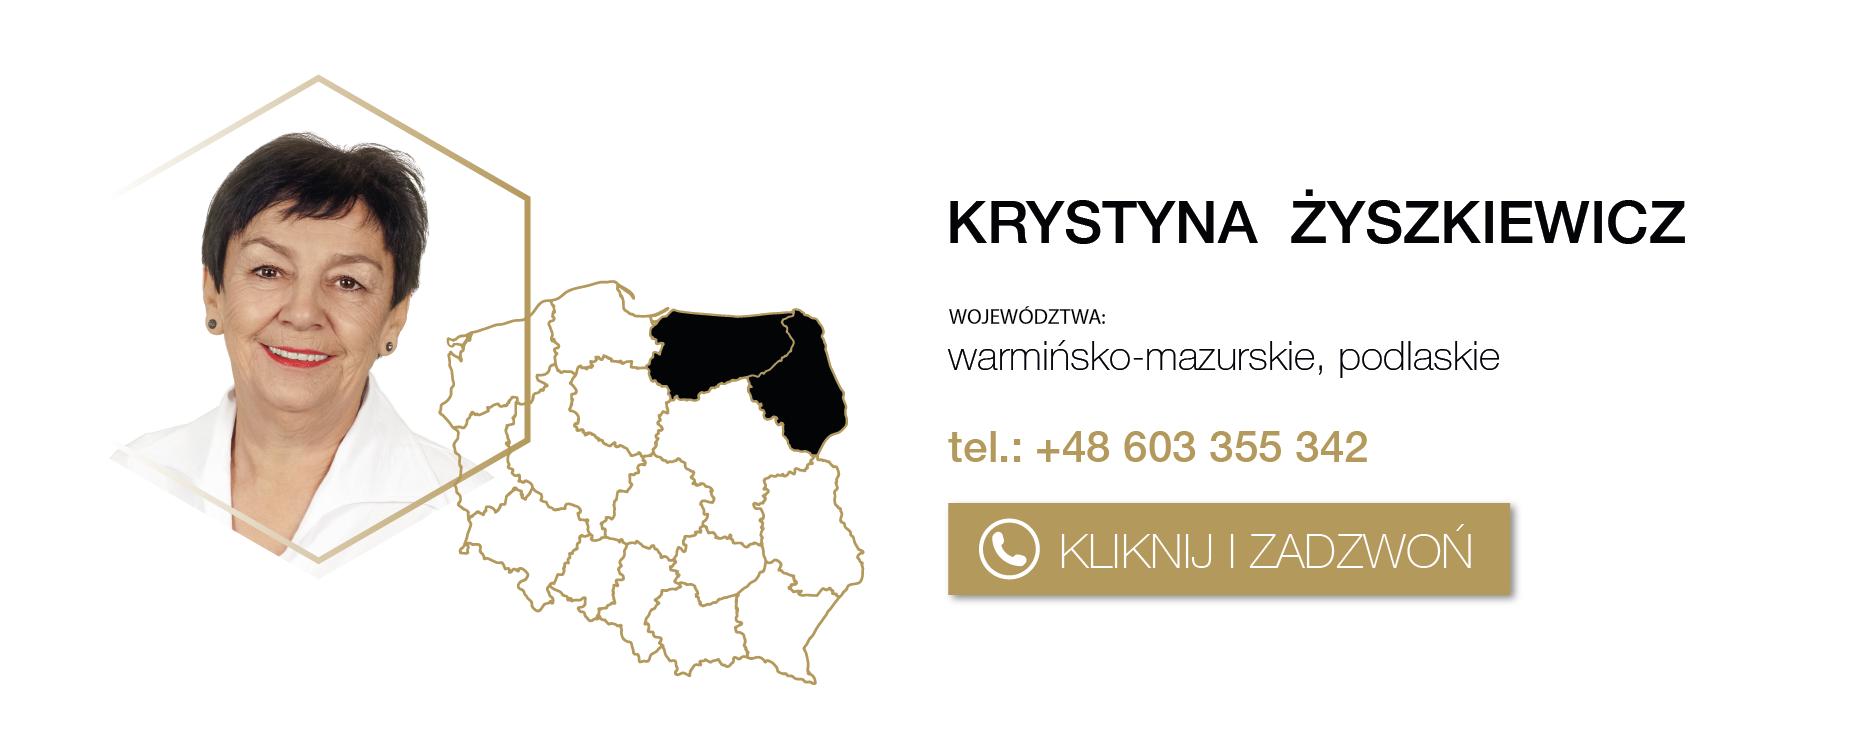 Krystyna Żyszkiewicz